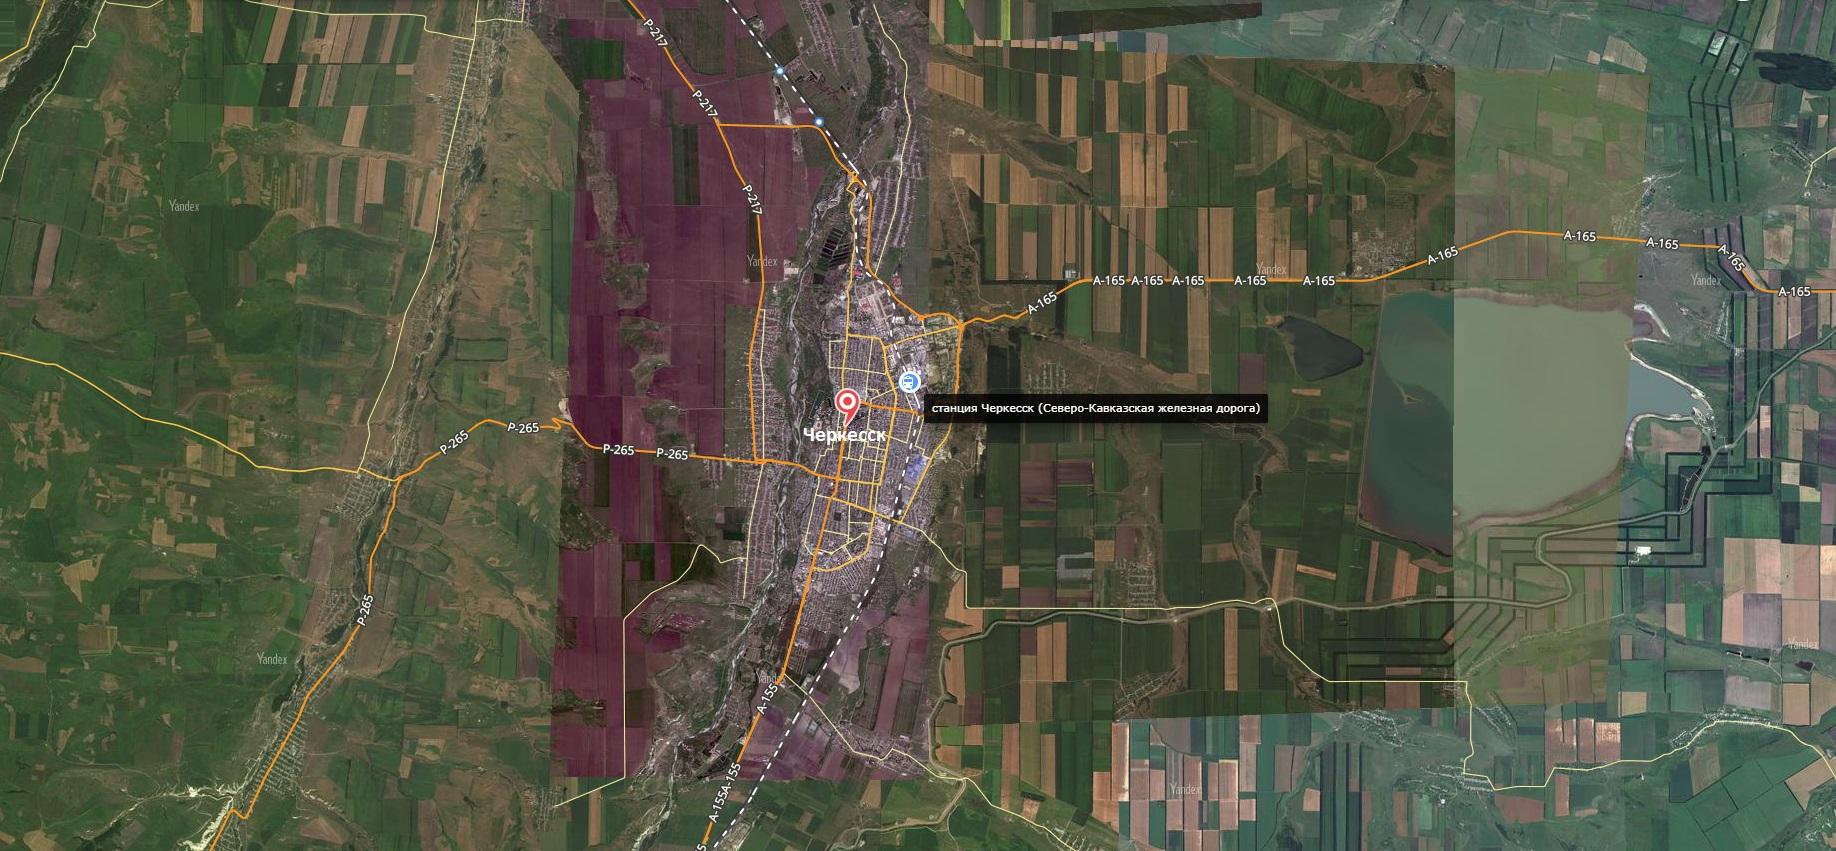 Карта города Черкесск с дорогами